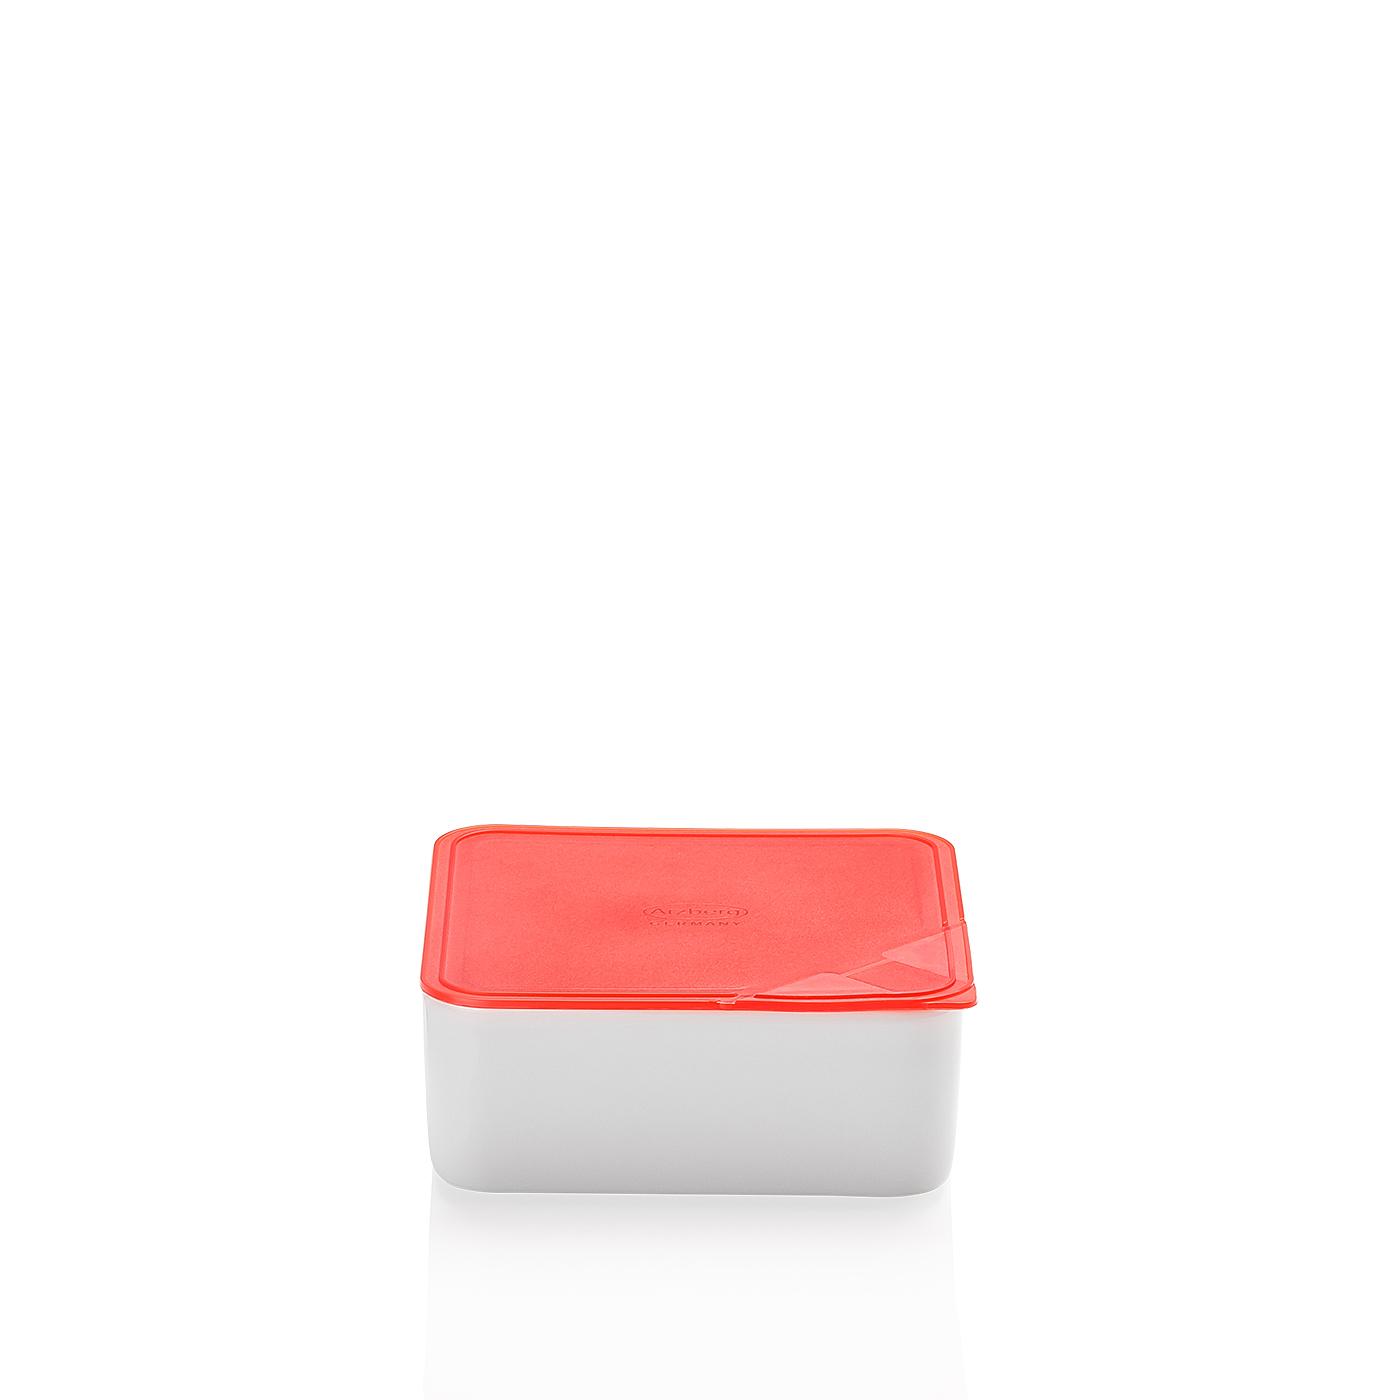 Frischebox 15x15 flach Küchenfreunde Kunststoff rot Arzberg